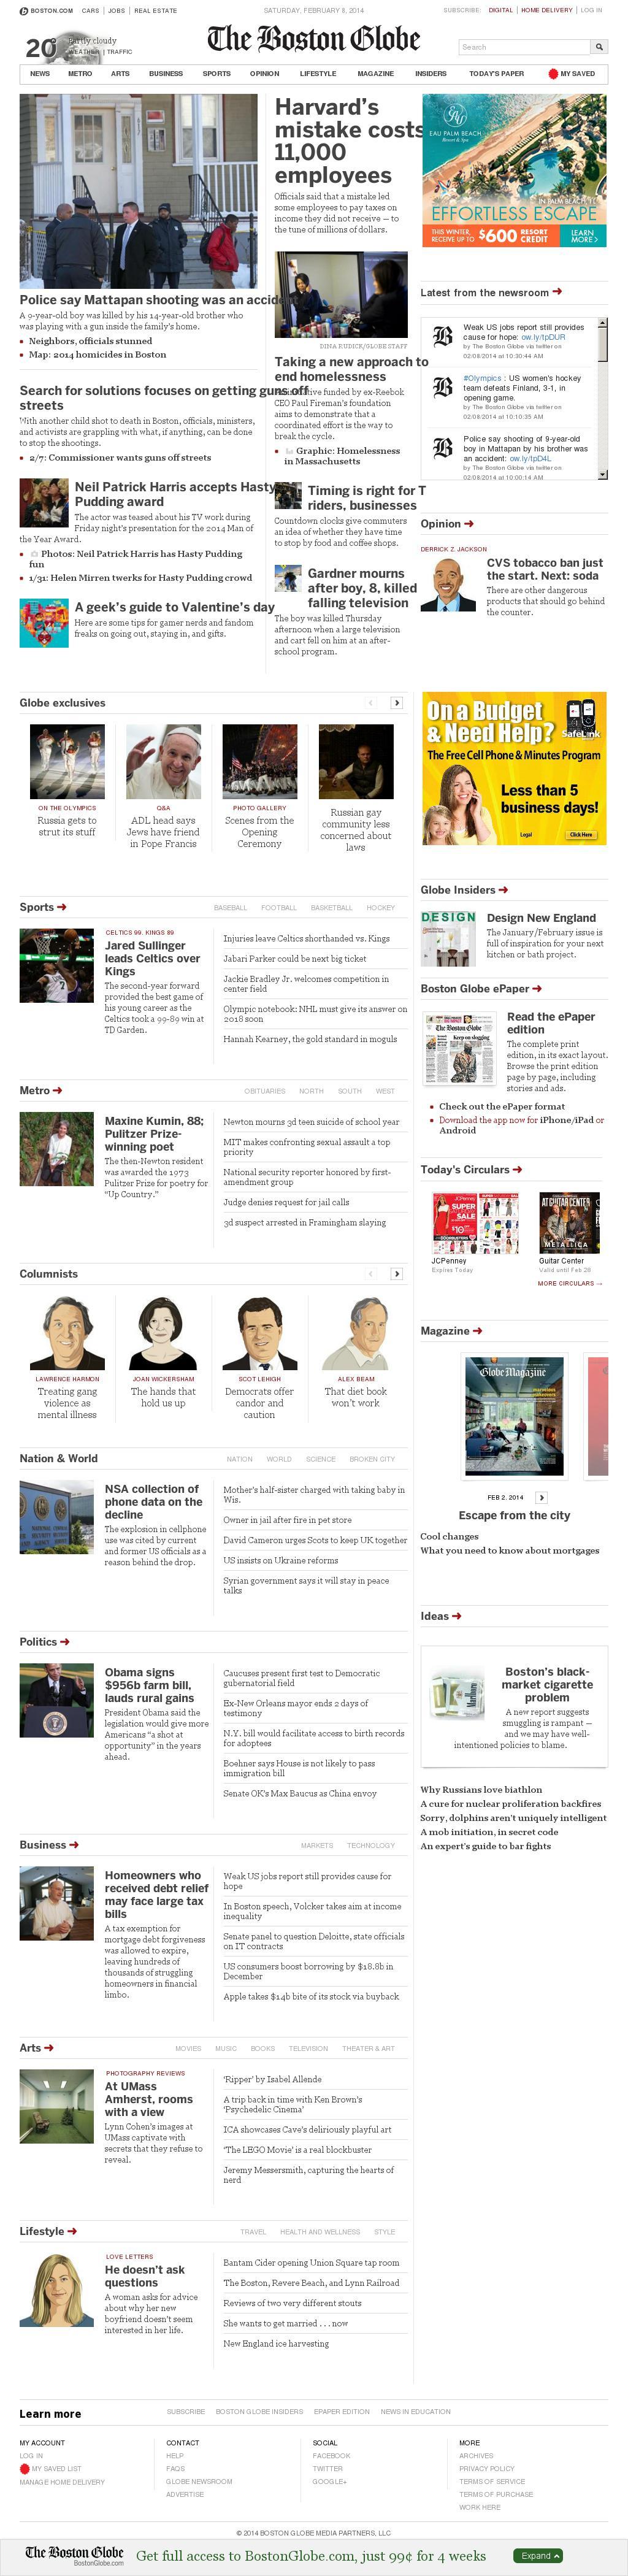 The Boston Globe at Saturday Feb. 8, 2014, 11:01 a.m. UTC